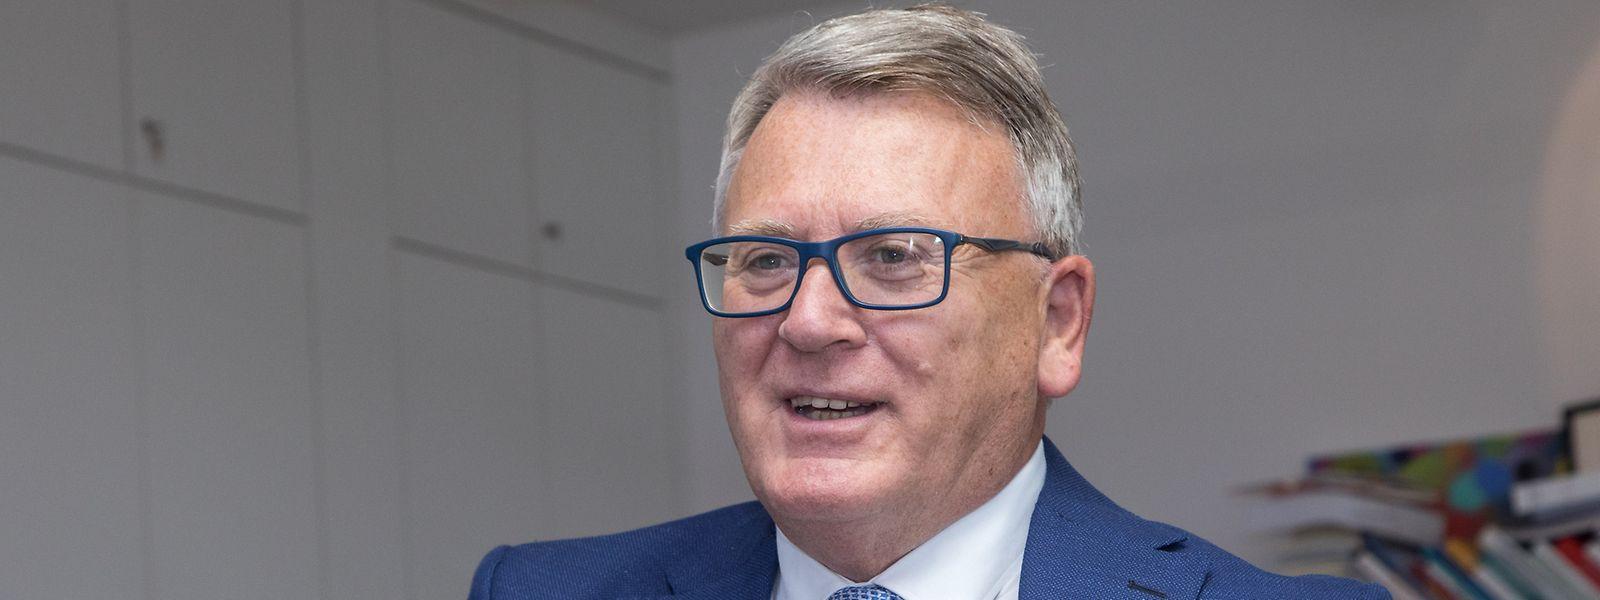 Nicolas Schmit va maintenant devoir passer une audition devant la commission du Parlement européen pour devenir commissaire.